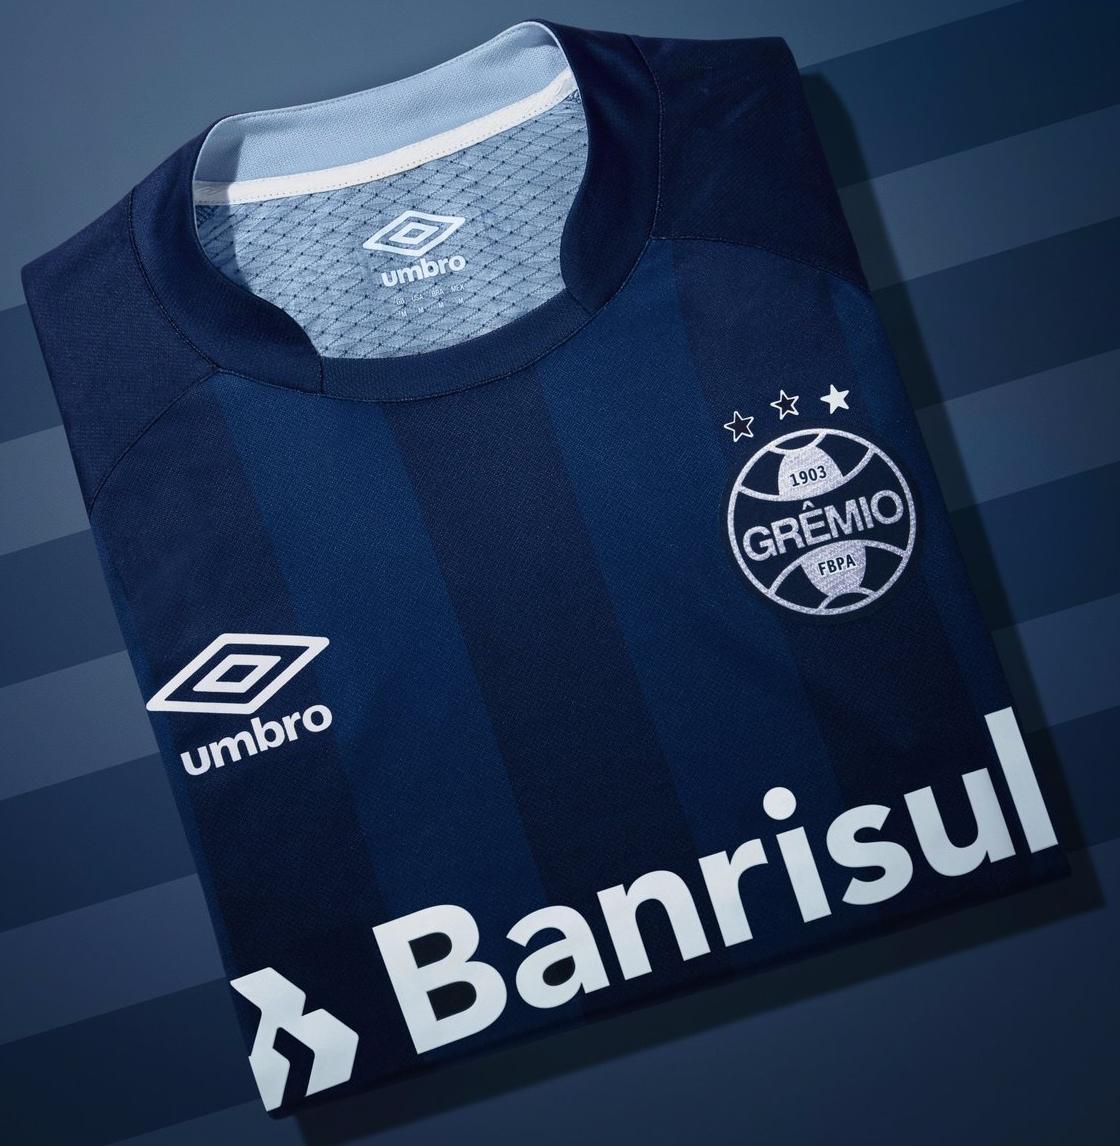 159deafbe9cb4 Nova terceira camisa do Grêmio é sucesso de vendas - Show de Camisas